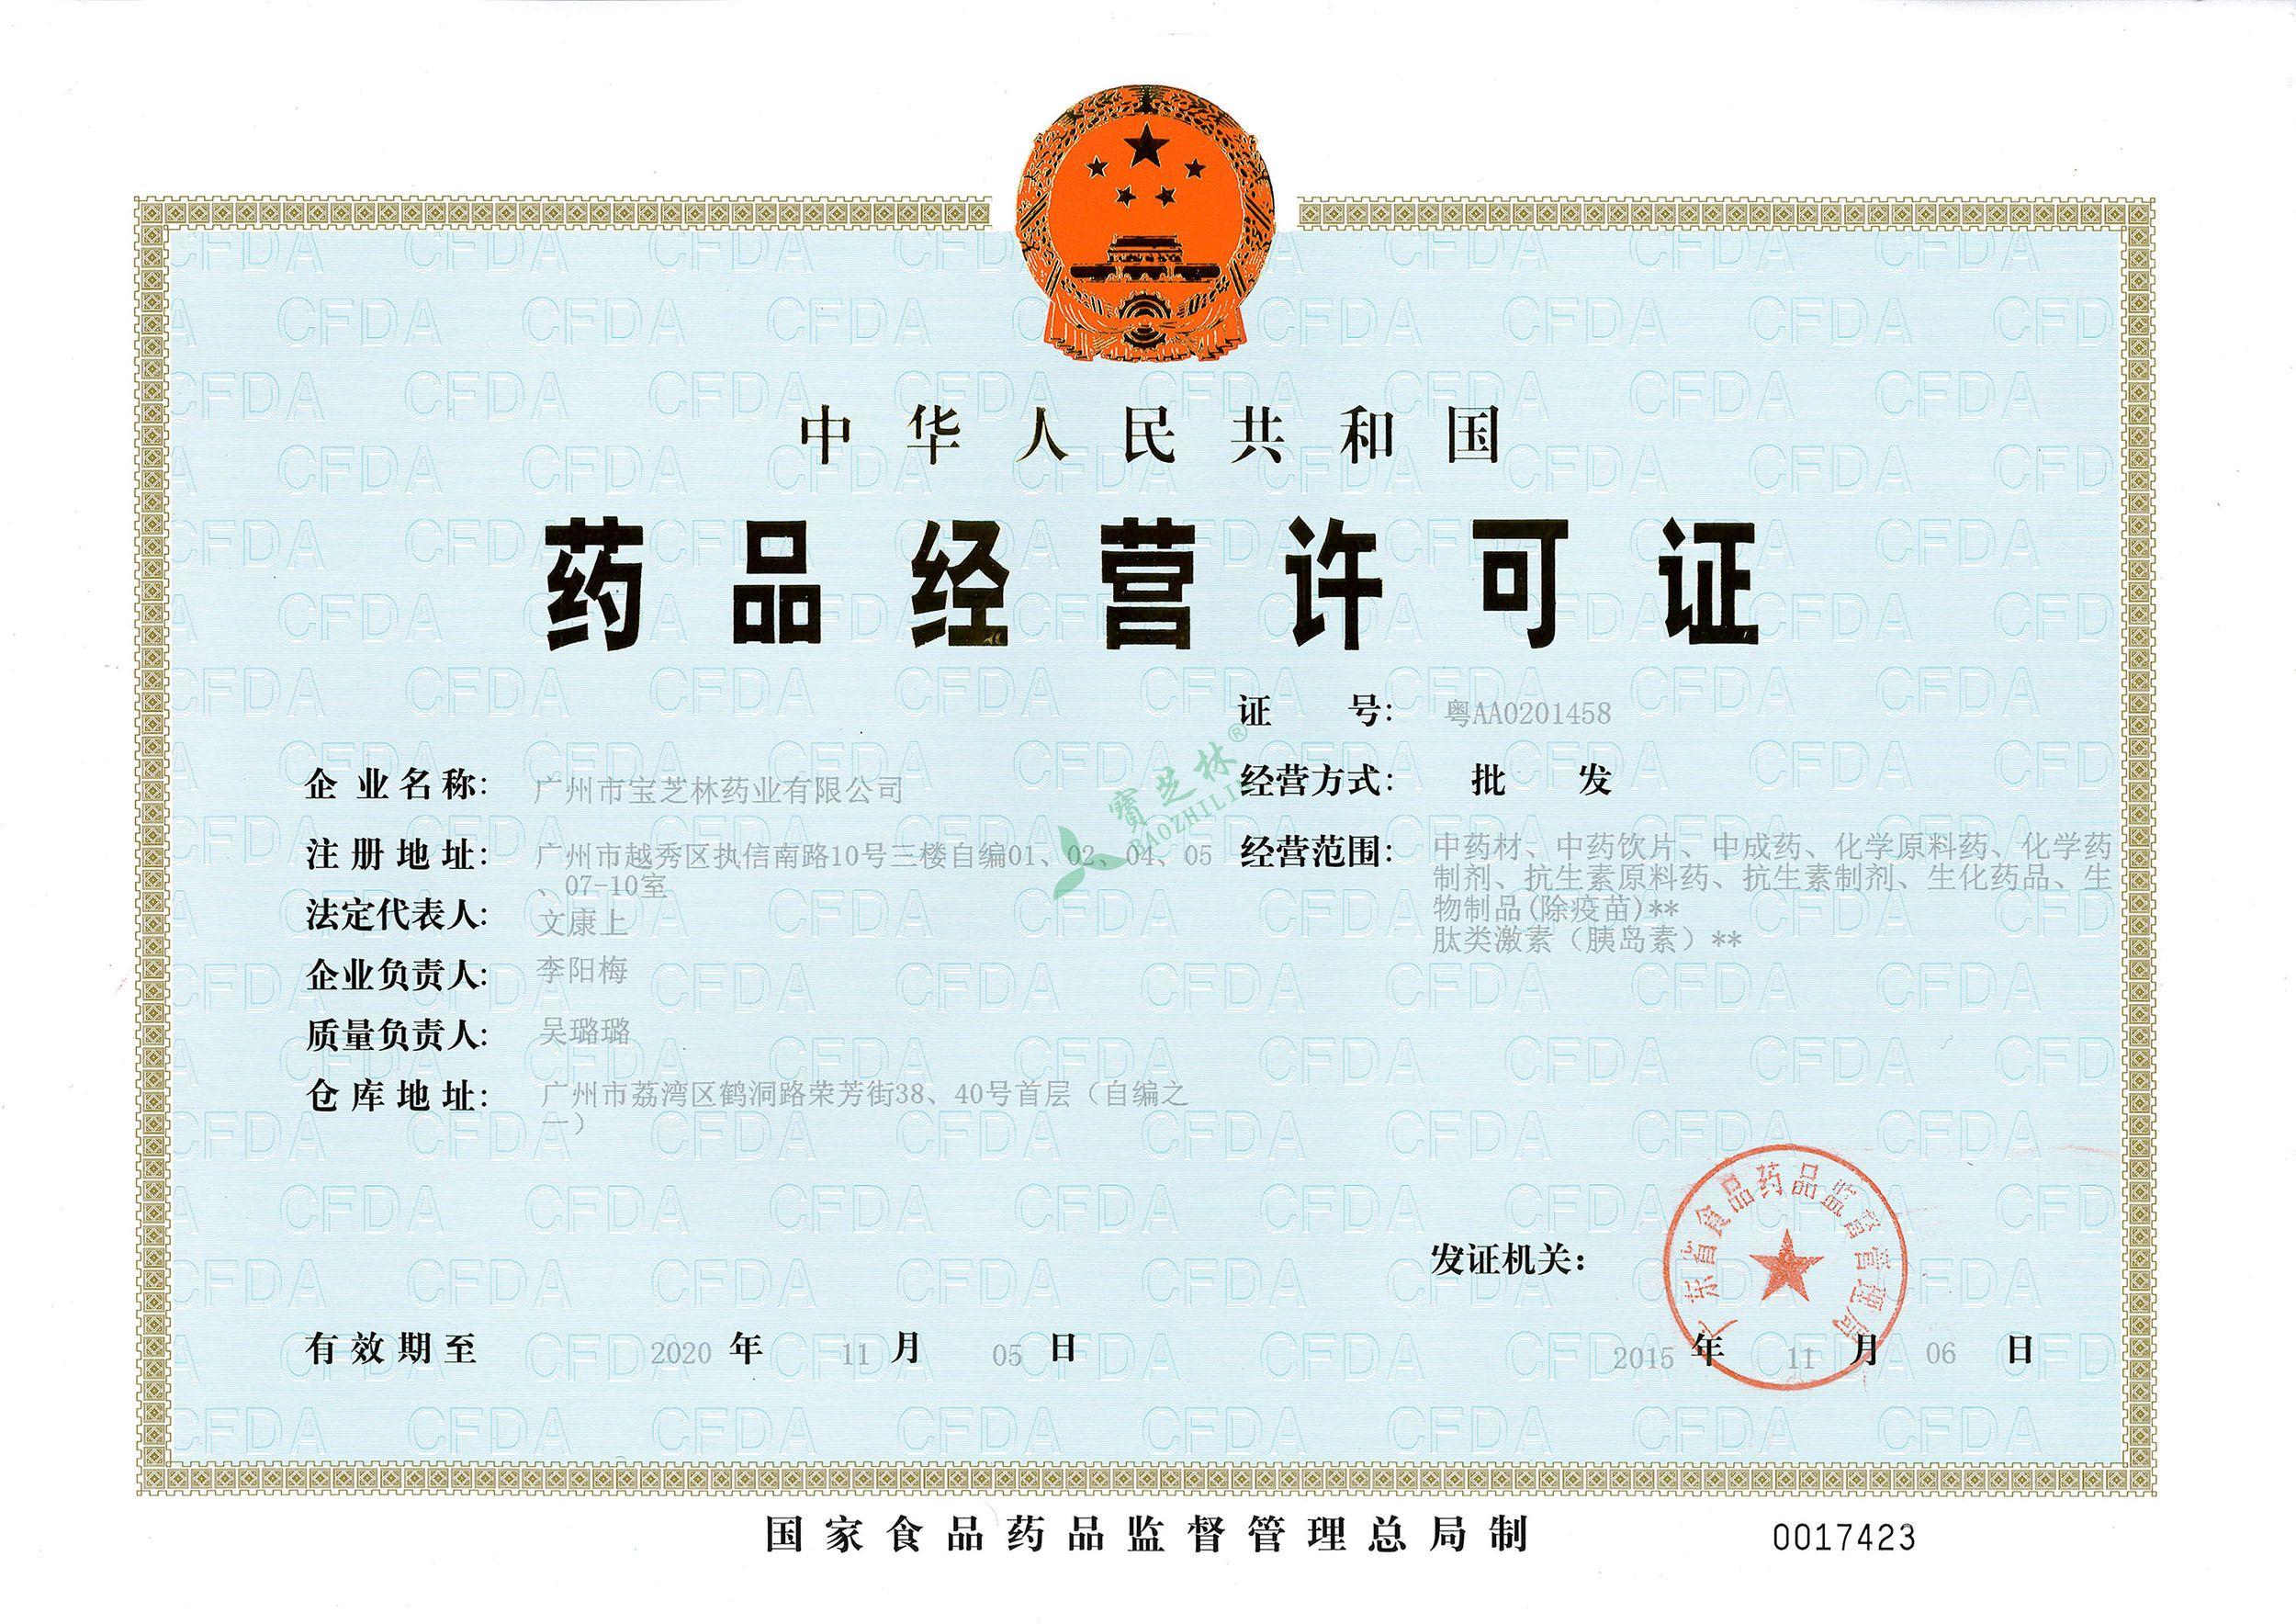 广州市宝芝林药业有限公司药品经营许可证